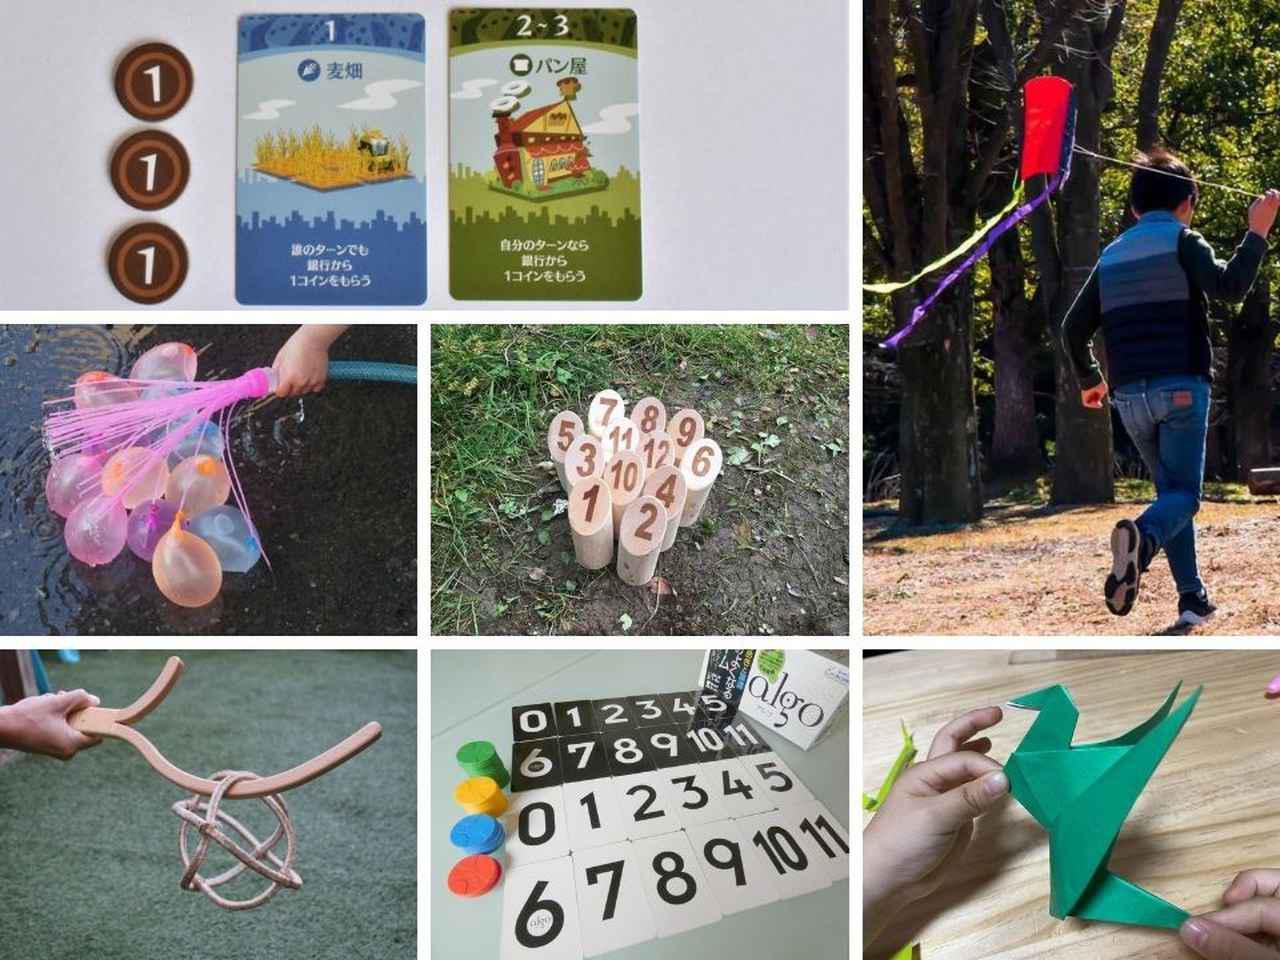 画像: 【まとめ】キャンプでできる遊び10選! 子供が楽しめる遊び道具・ゲーム・おもちゃなど一挙公開 - ハピキャン(HAPPY CAMPER)